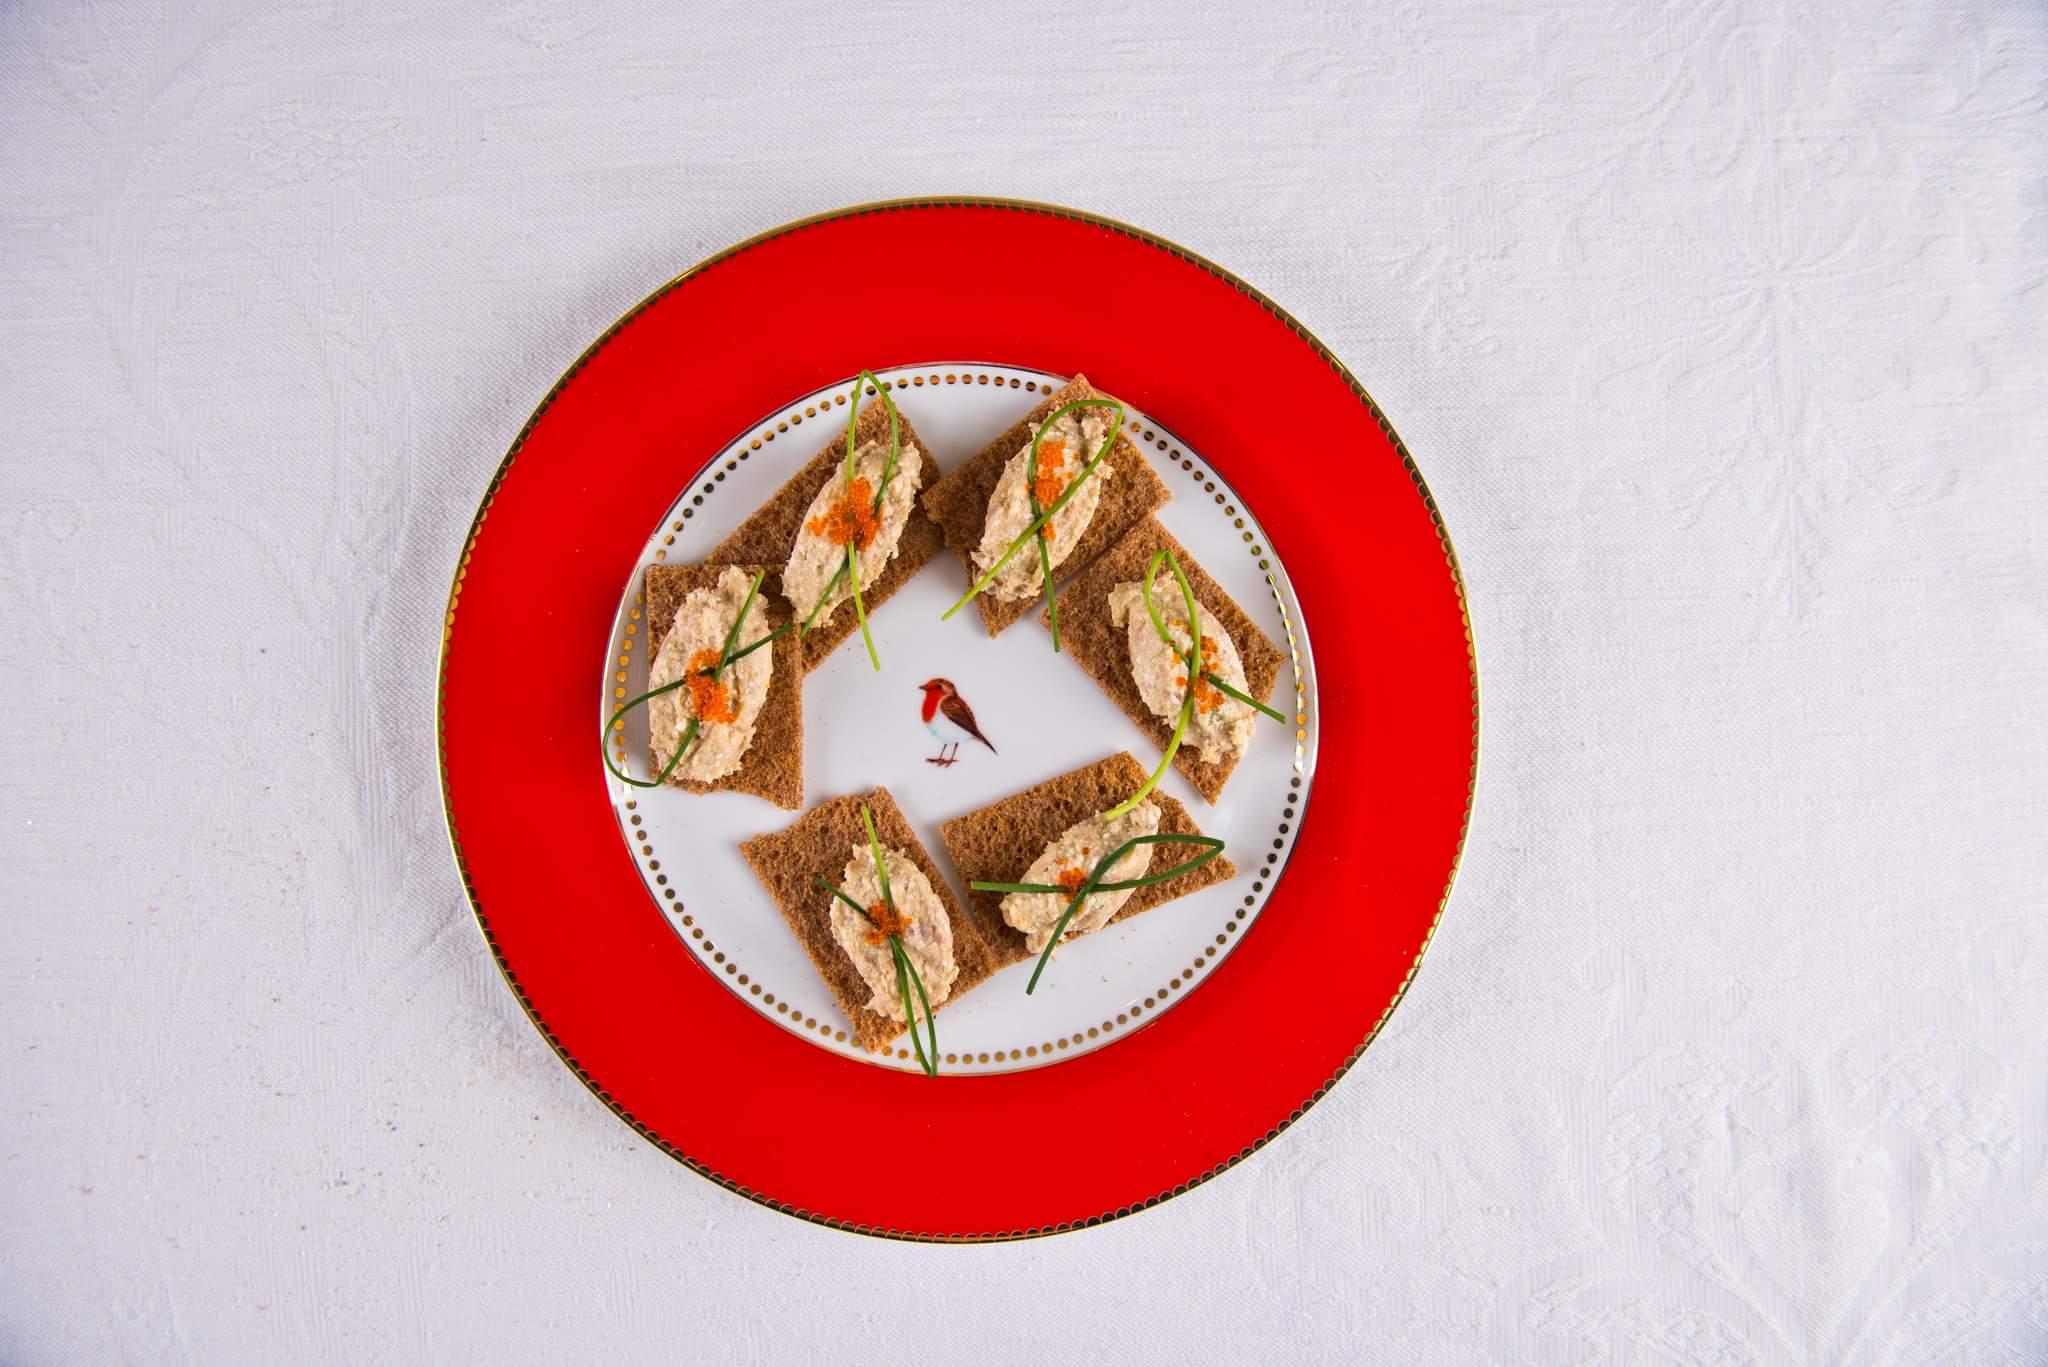 Рецепт Мусс из сельди с икрой летучей рыбы